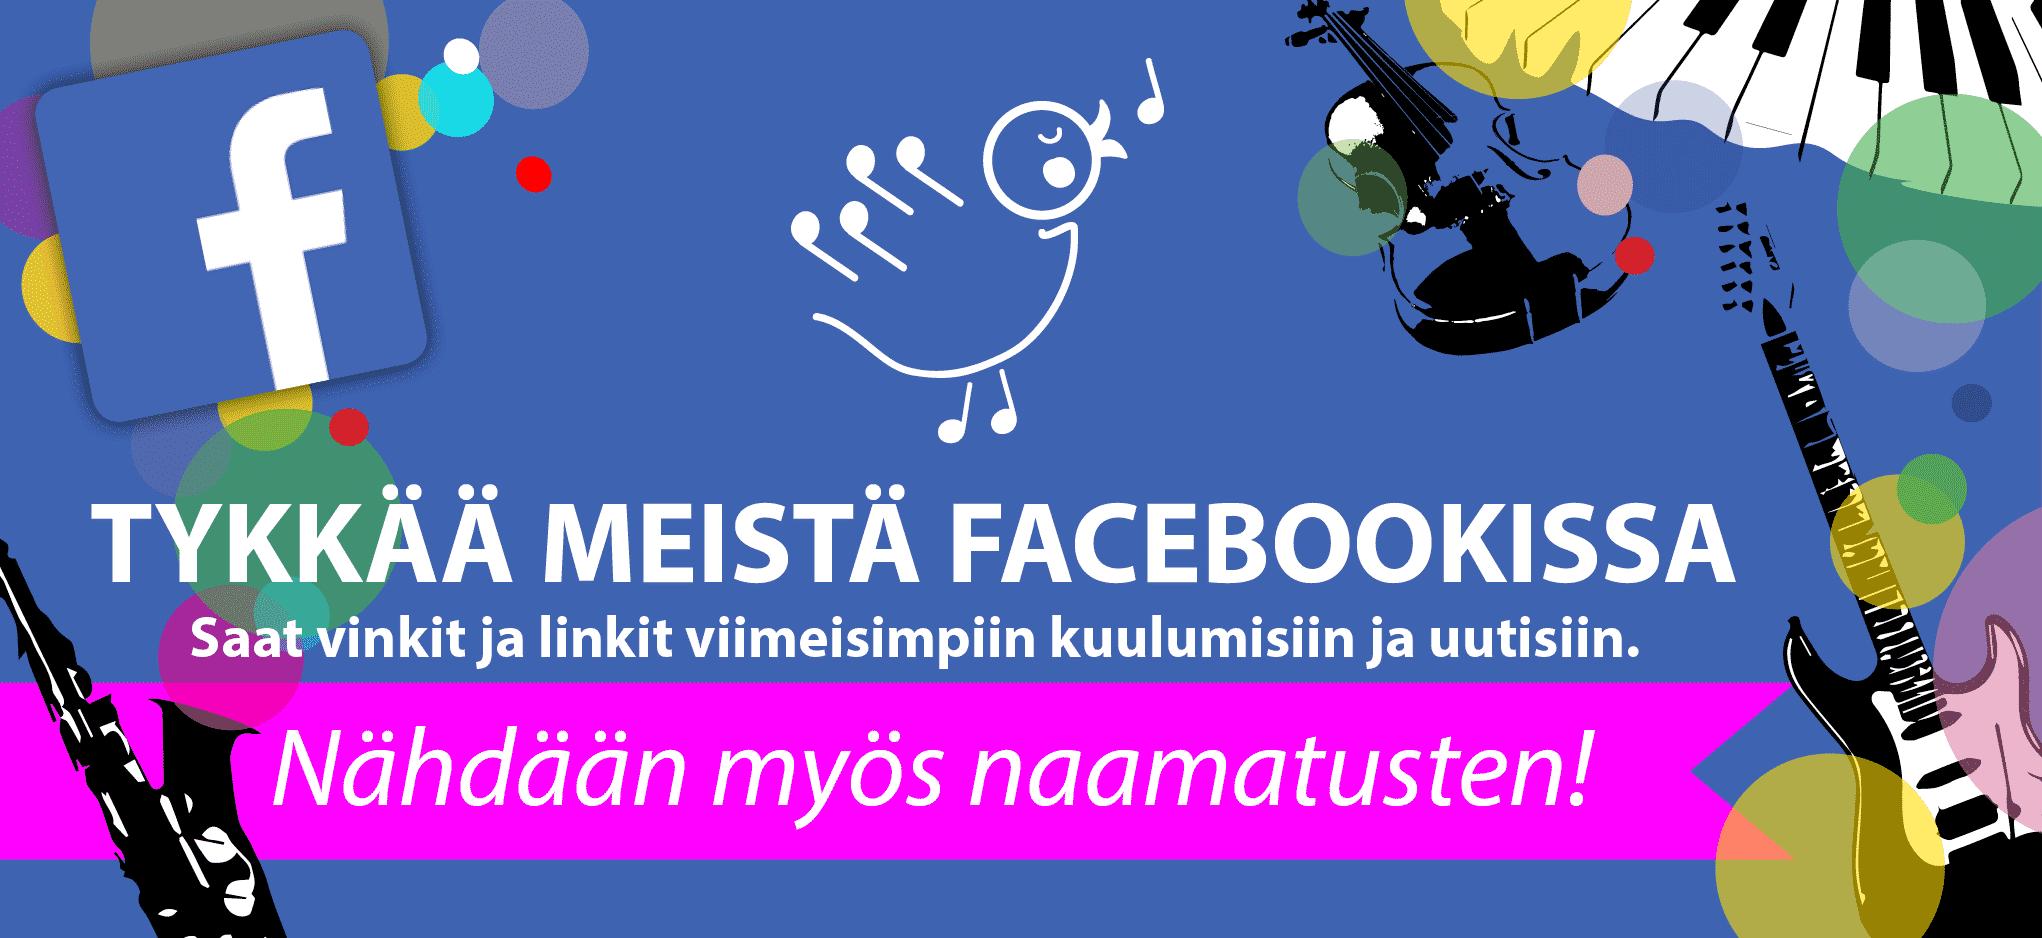 Hauskat Sävelet Facebookissa